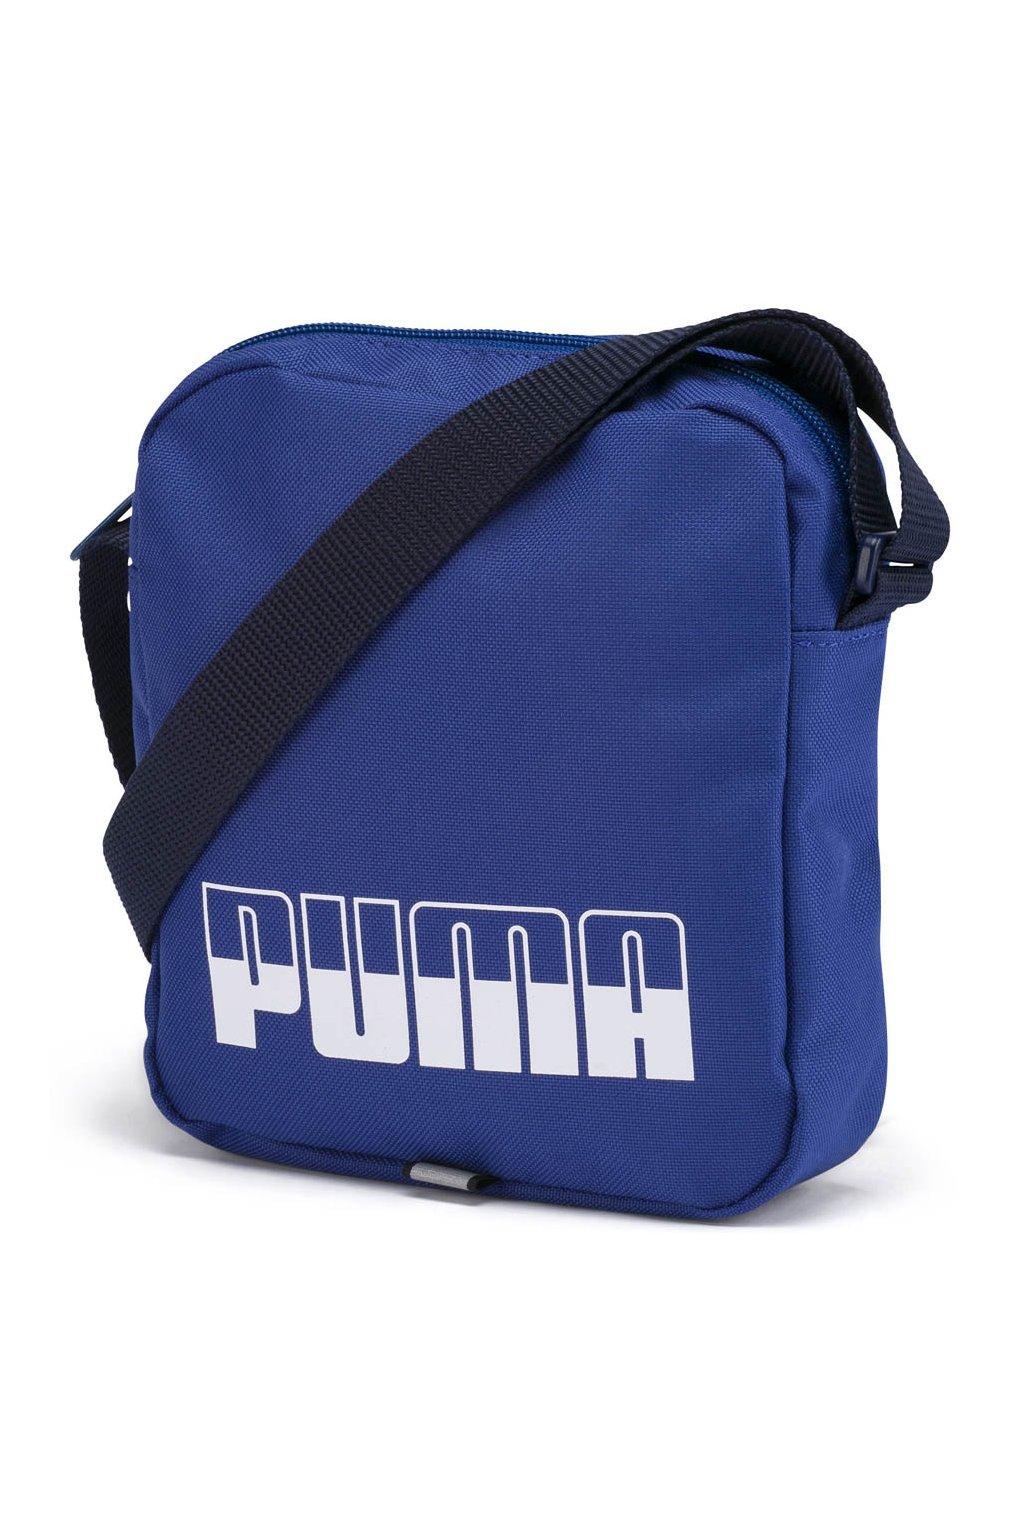 Taška Puma Plus II modrá 076061 09